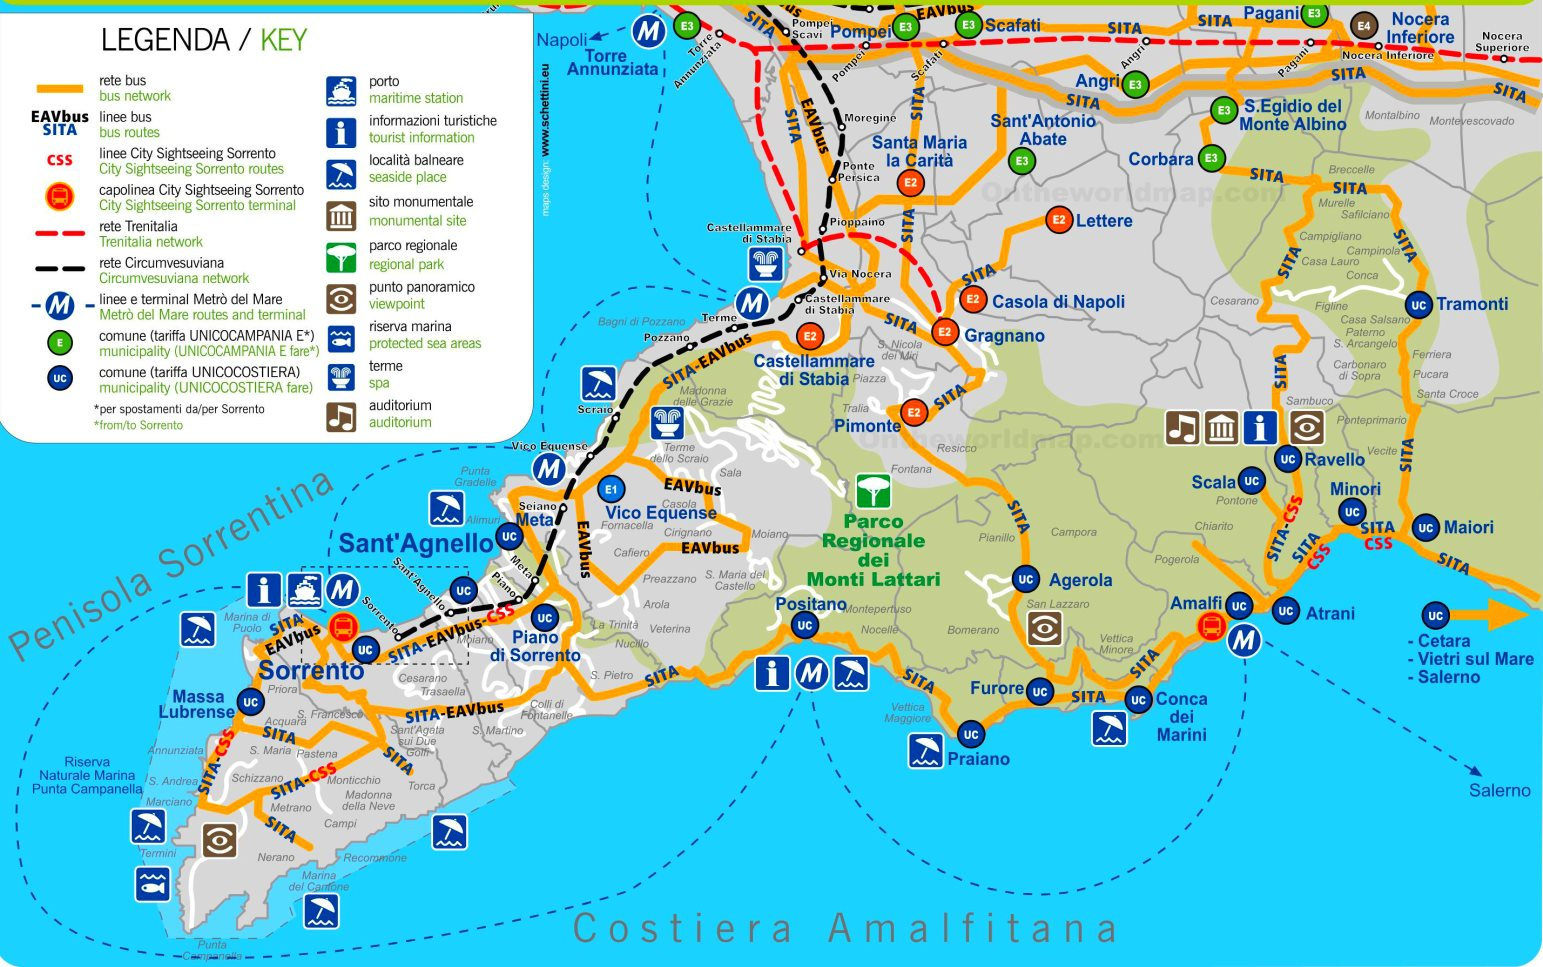 Cartina Costiera Amalfitana E Capri.Sorrento E Costiera Amalfitana